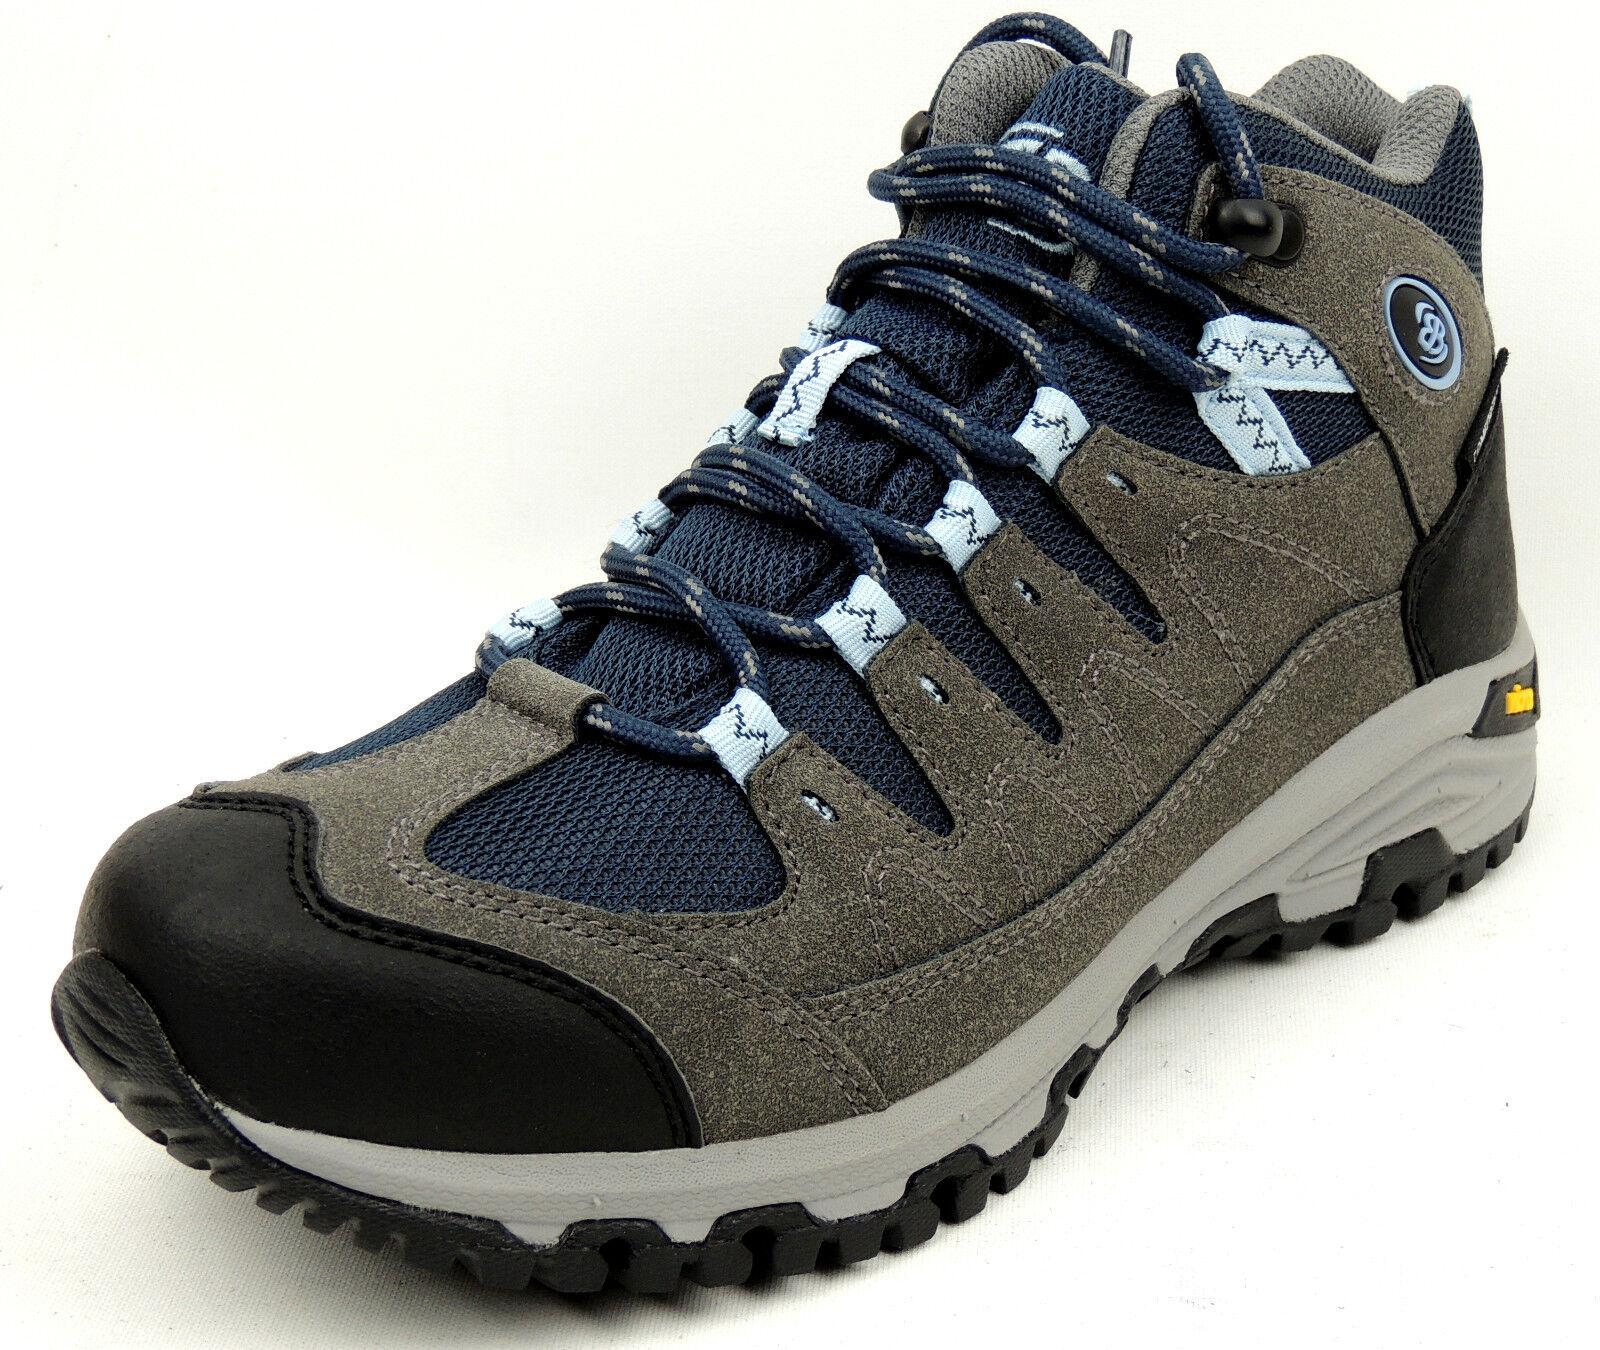 Zapatos promocionales para hombres y mujeres BRÜTTING  Damen TREKKING WANDER SCHUHE  grau  COMFORTEX-Membran  VIBRAM